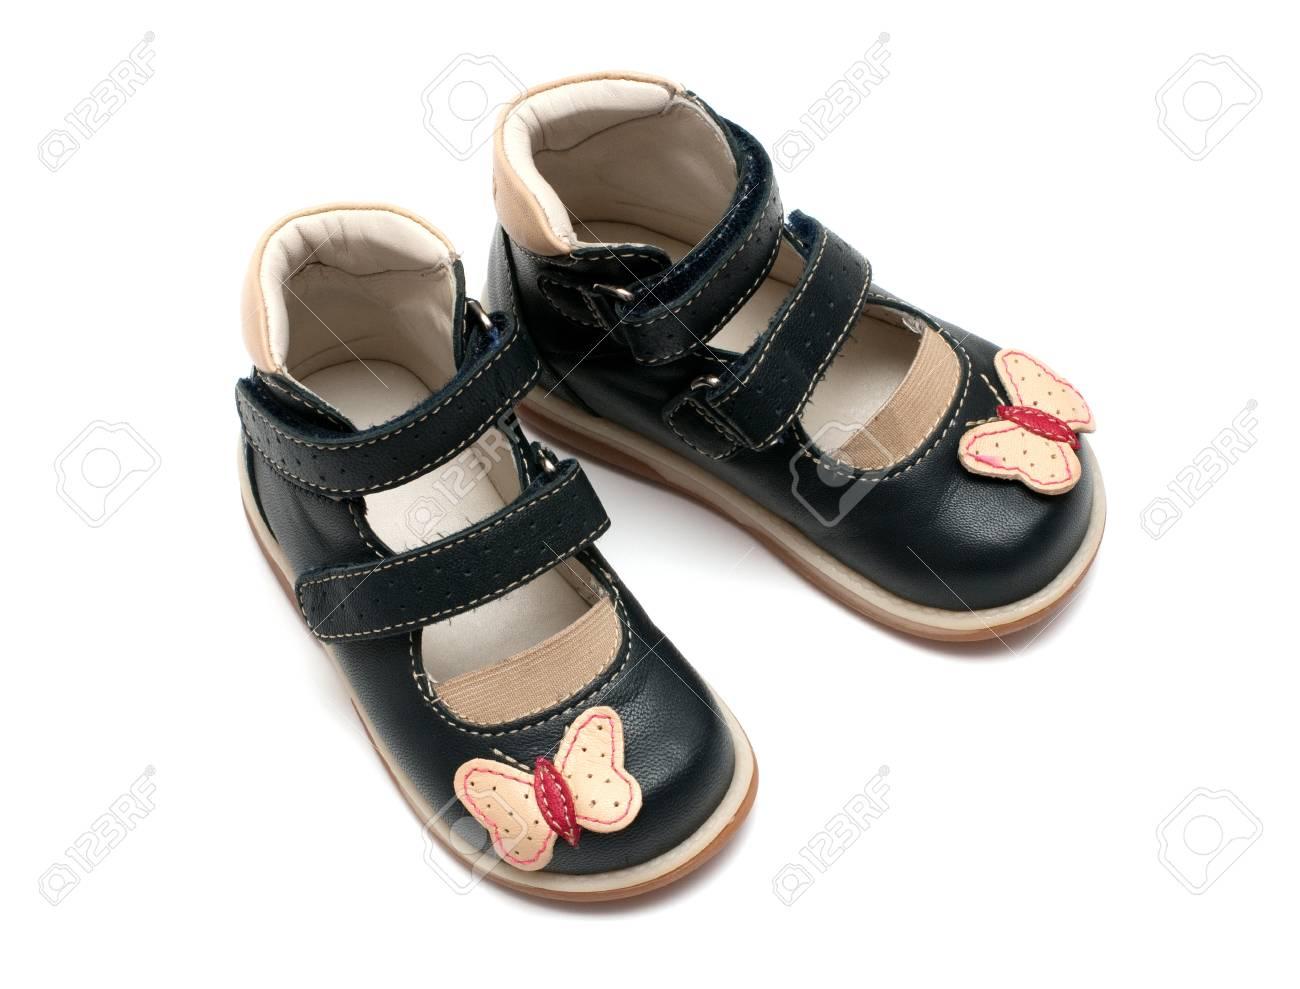 En Aislado Zapatos Archivo De Blanco Niño Un Ortopédicos Foto Par 5R7W0qPqw8